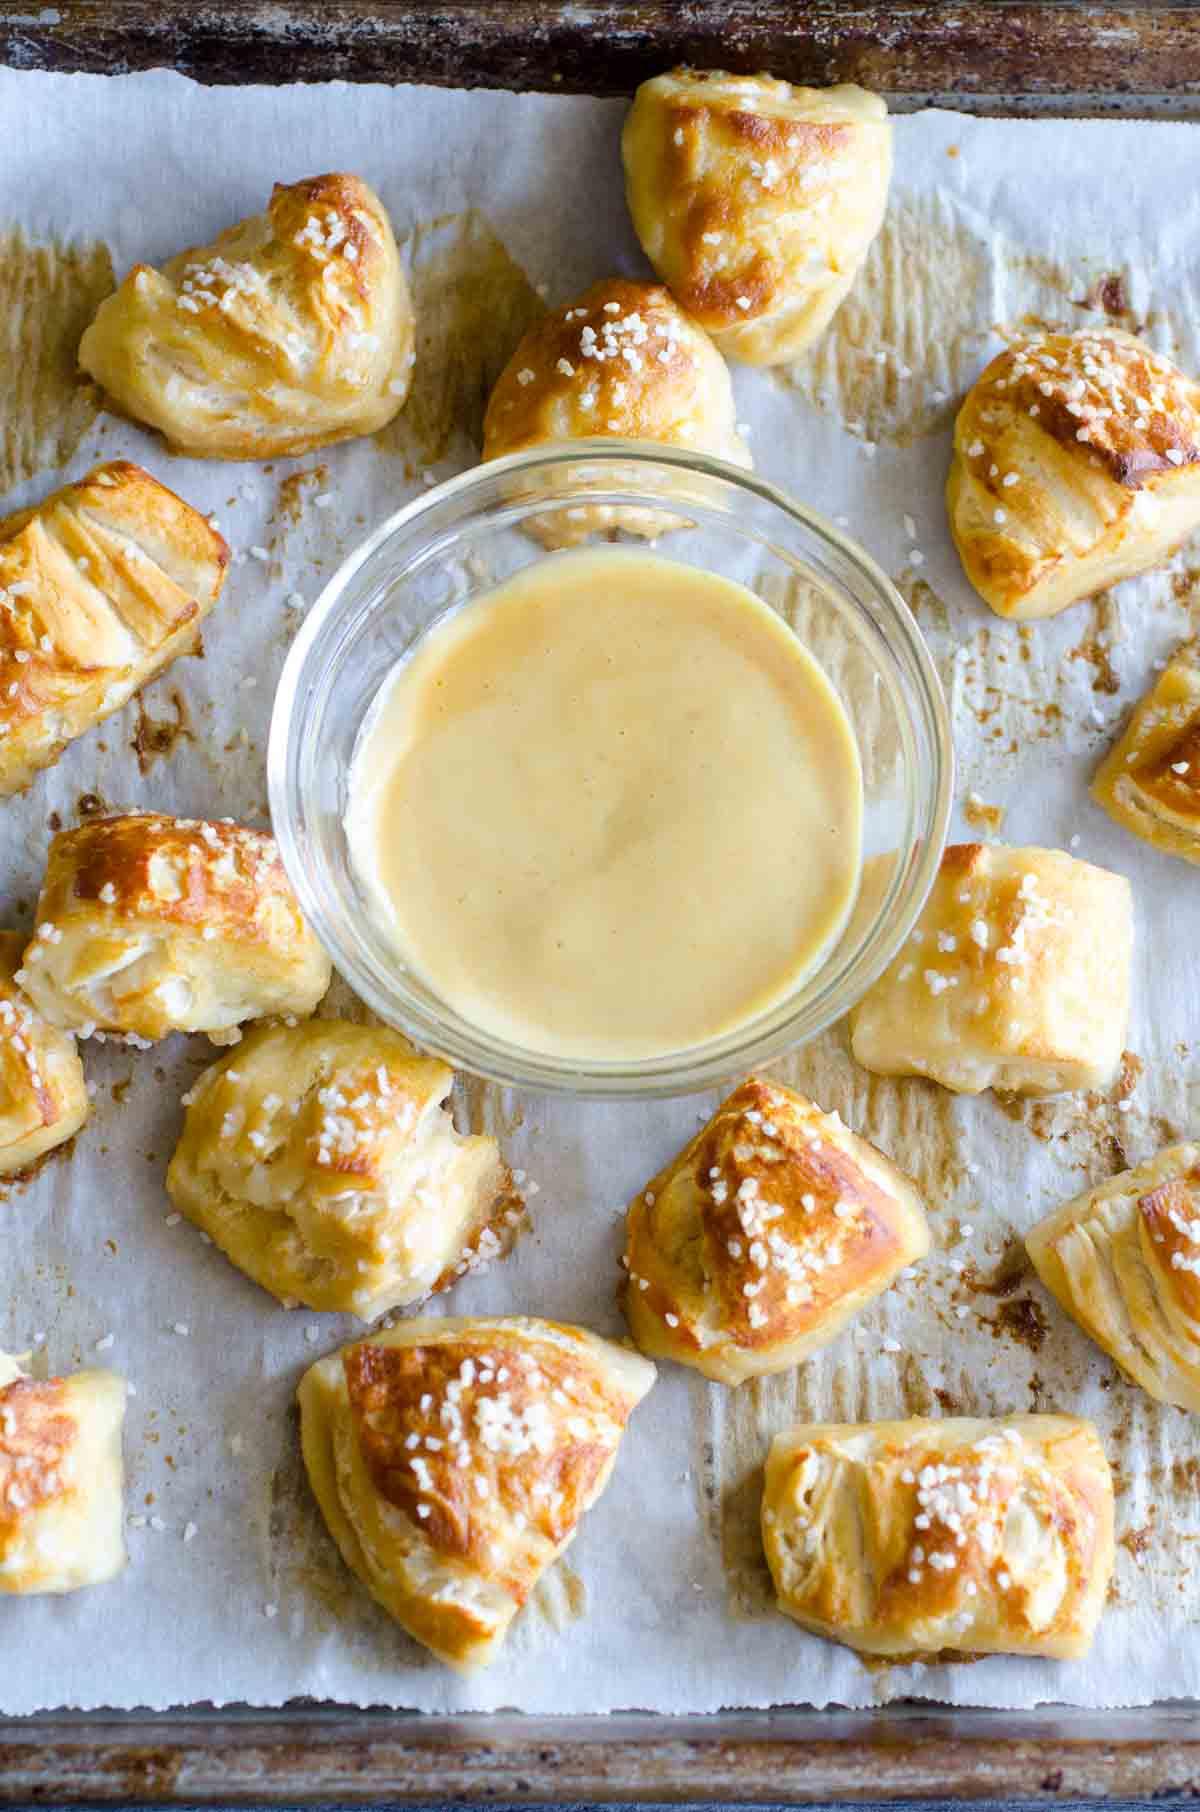 soft pretzel bites around mustard sauce in small bowl